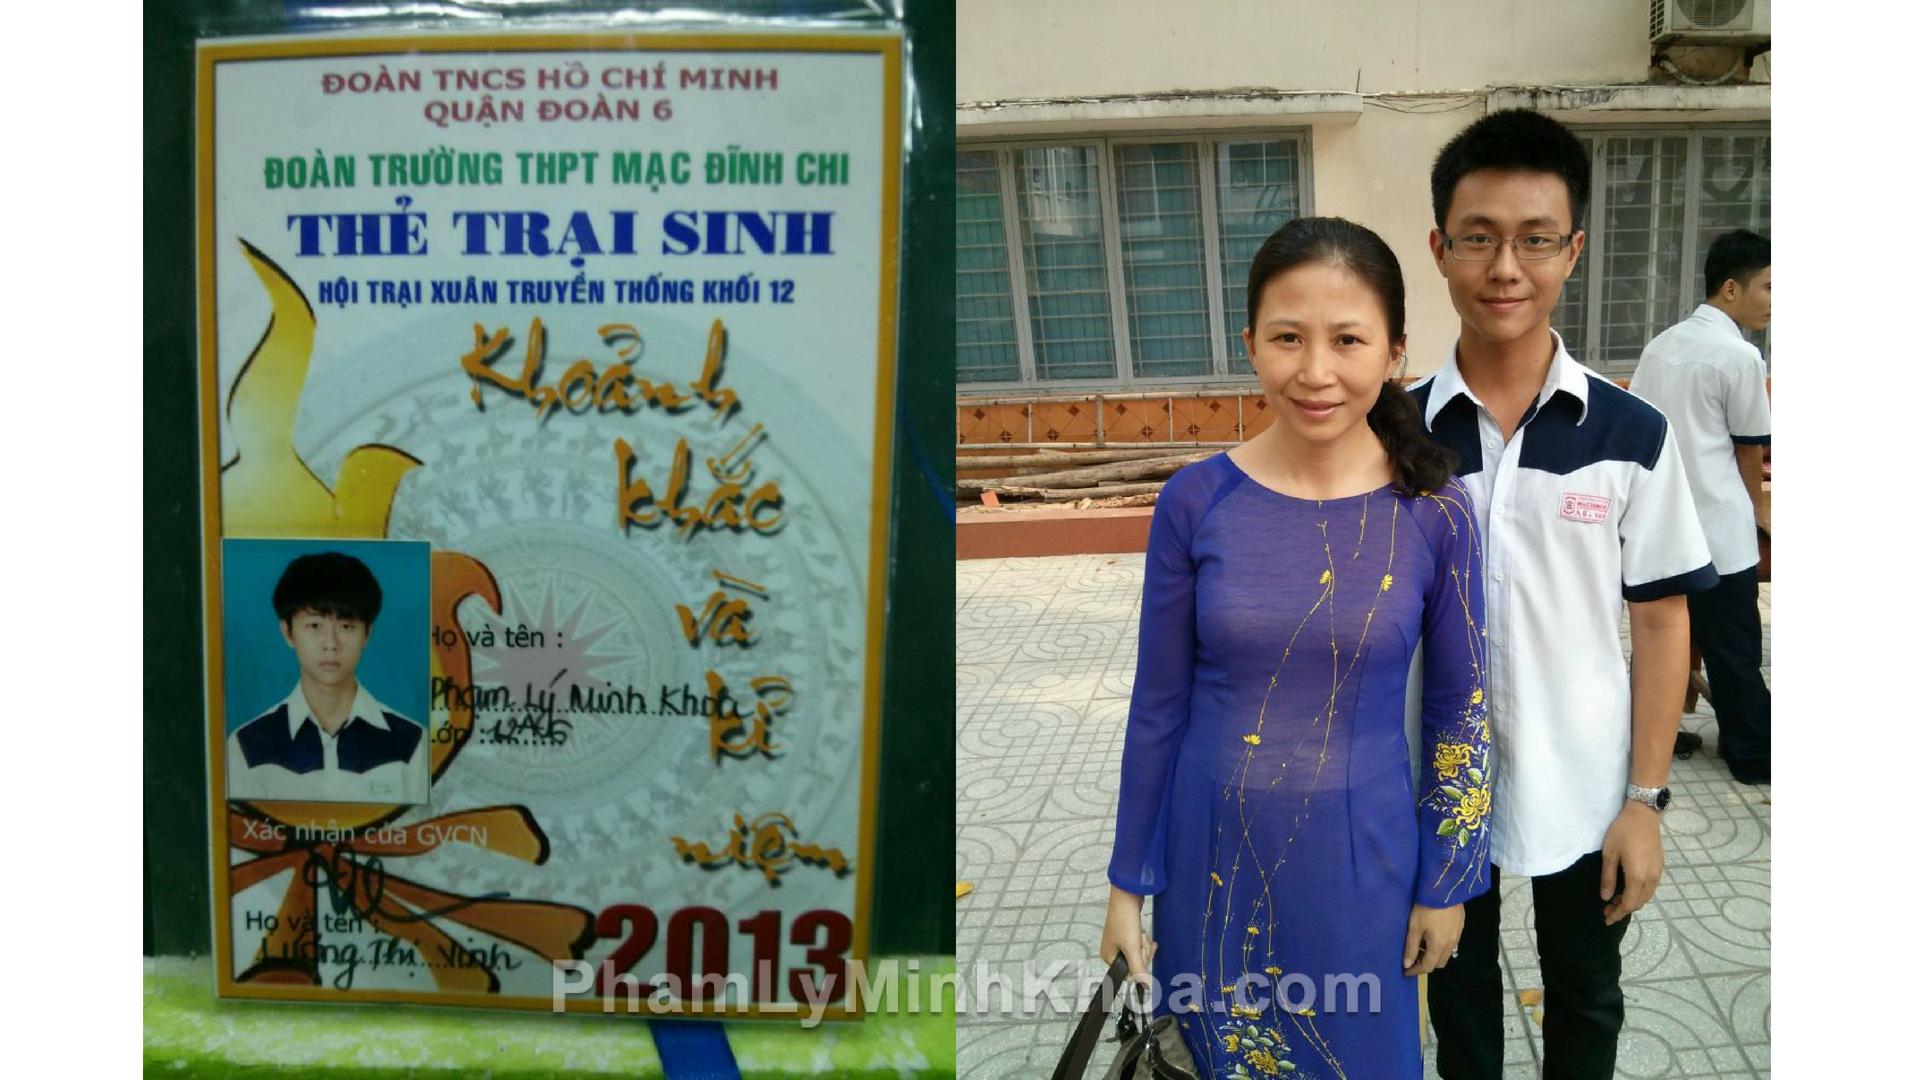 Trại xuân 2013 - trường THPT Mạc Đĩnh Chi